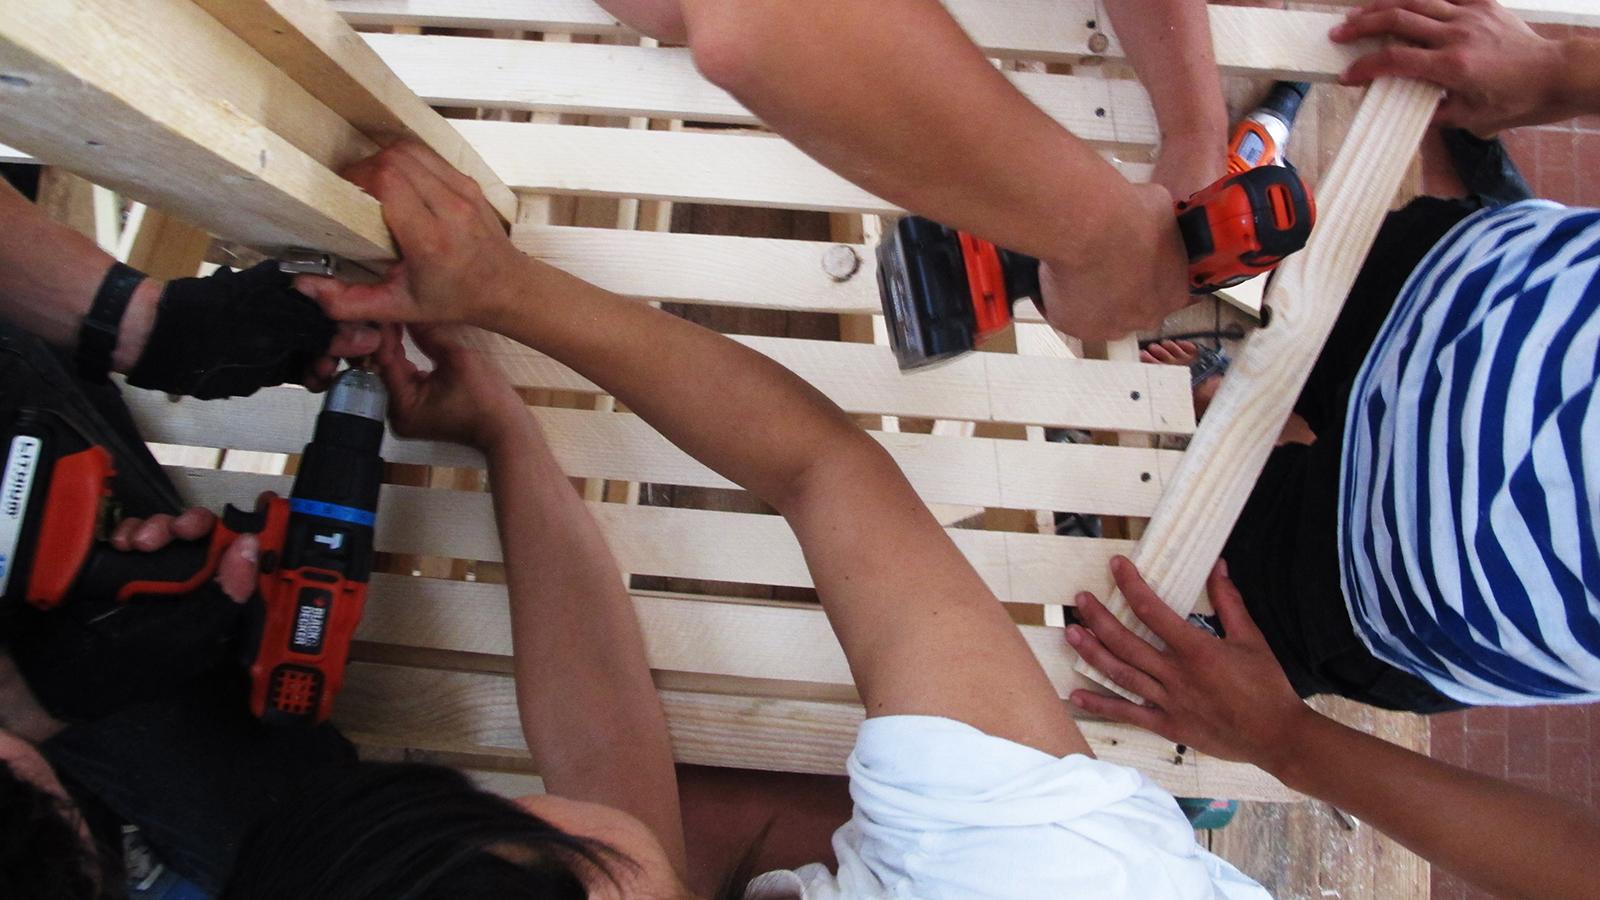 Intervista a Rossella Tricarico — Manifatture Knos (Lecce)